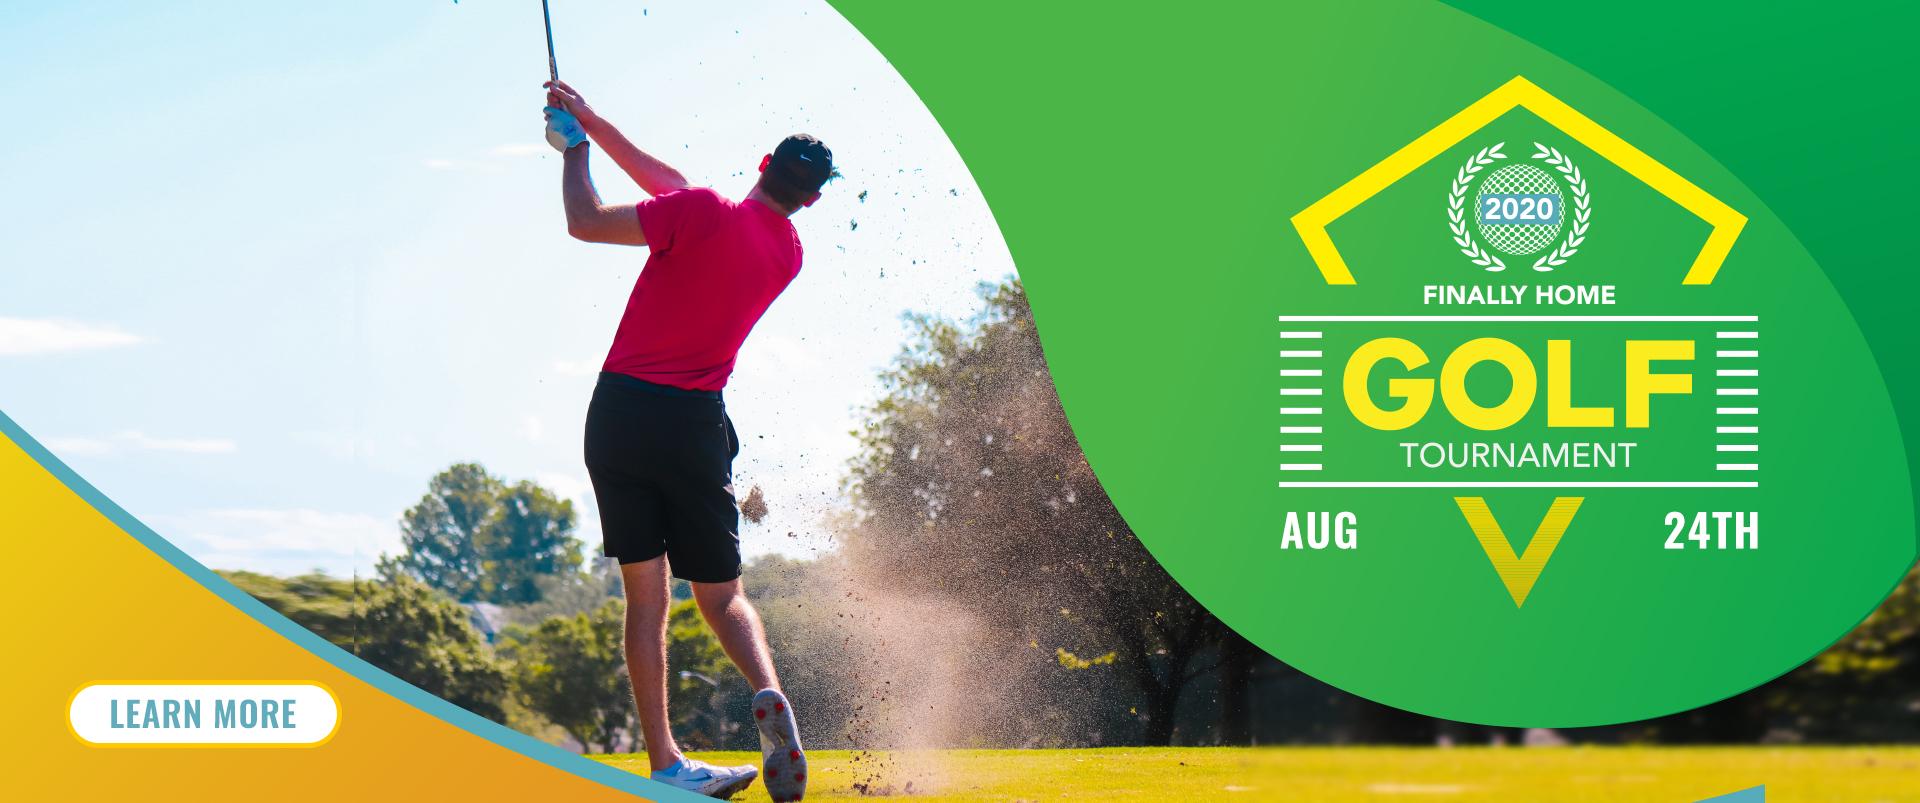 Finally Home Golf Tournament